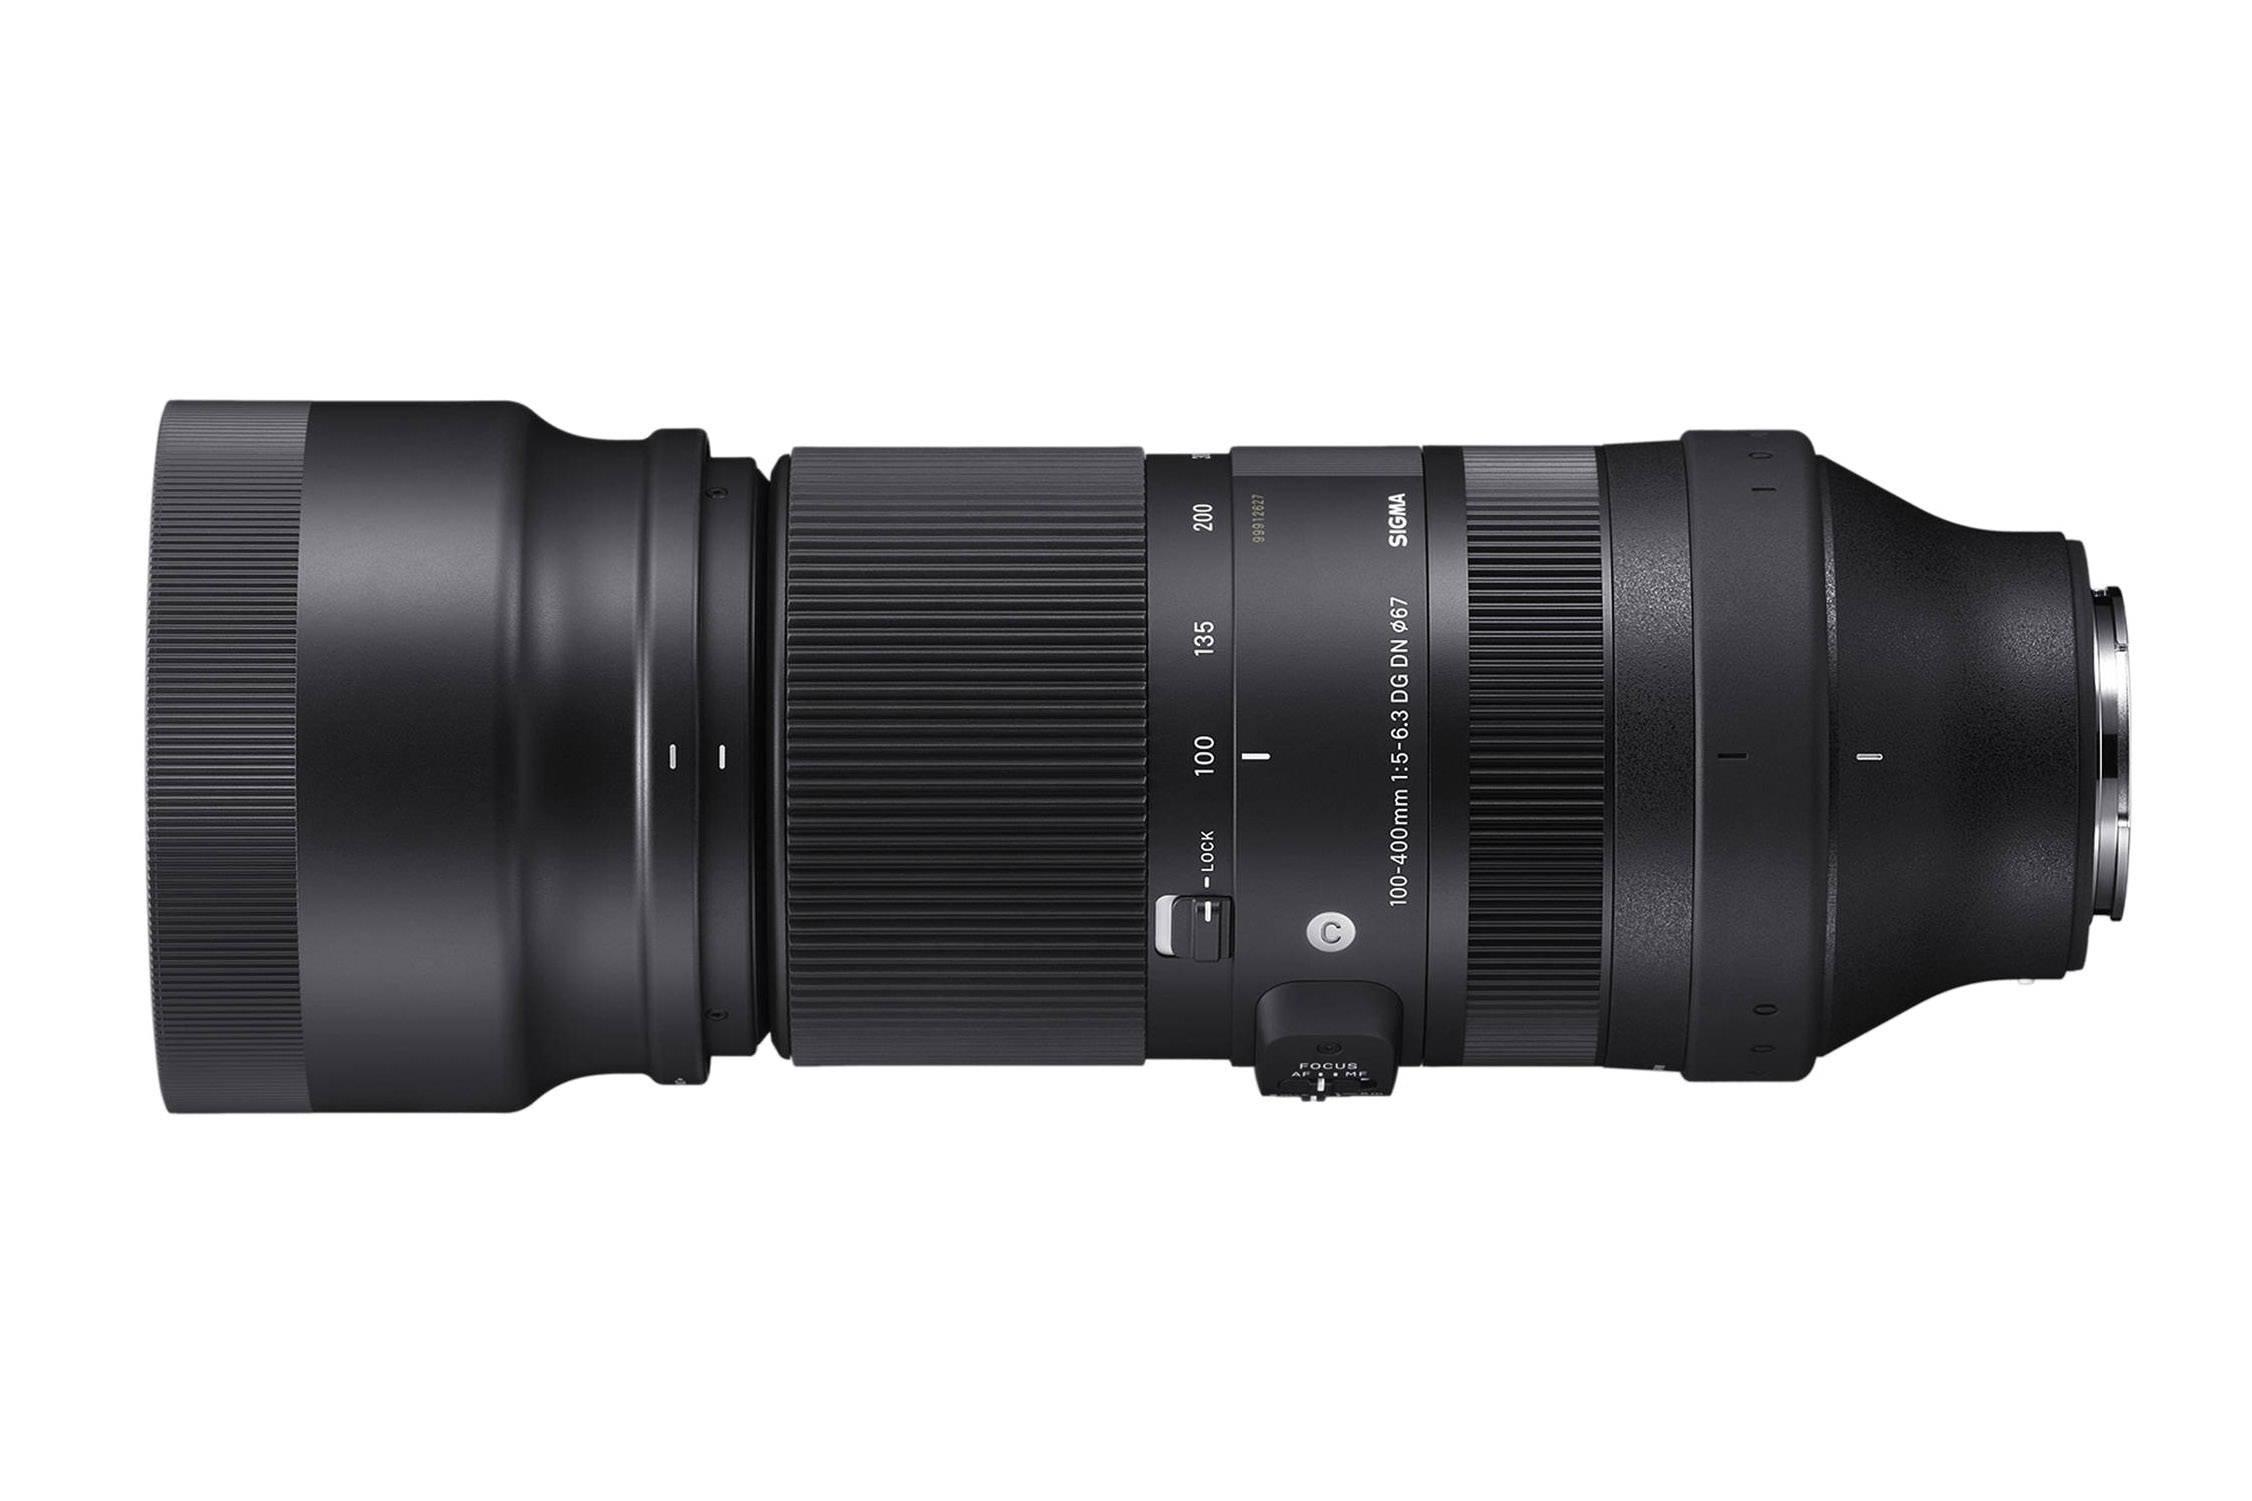 Sigma 100-400 1:5-6.3 DG DN C | Contemporary